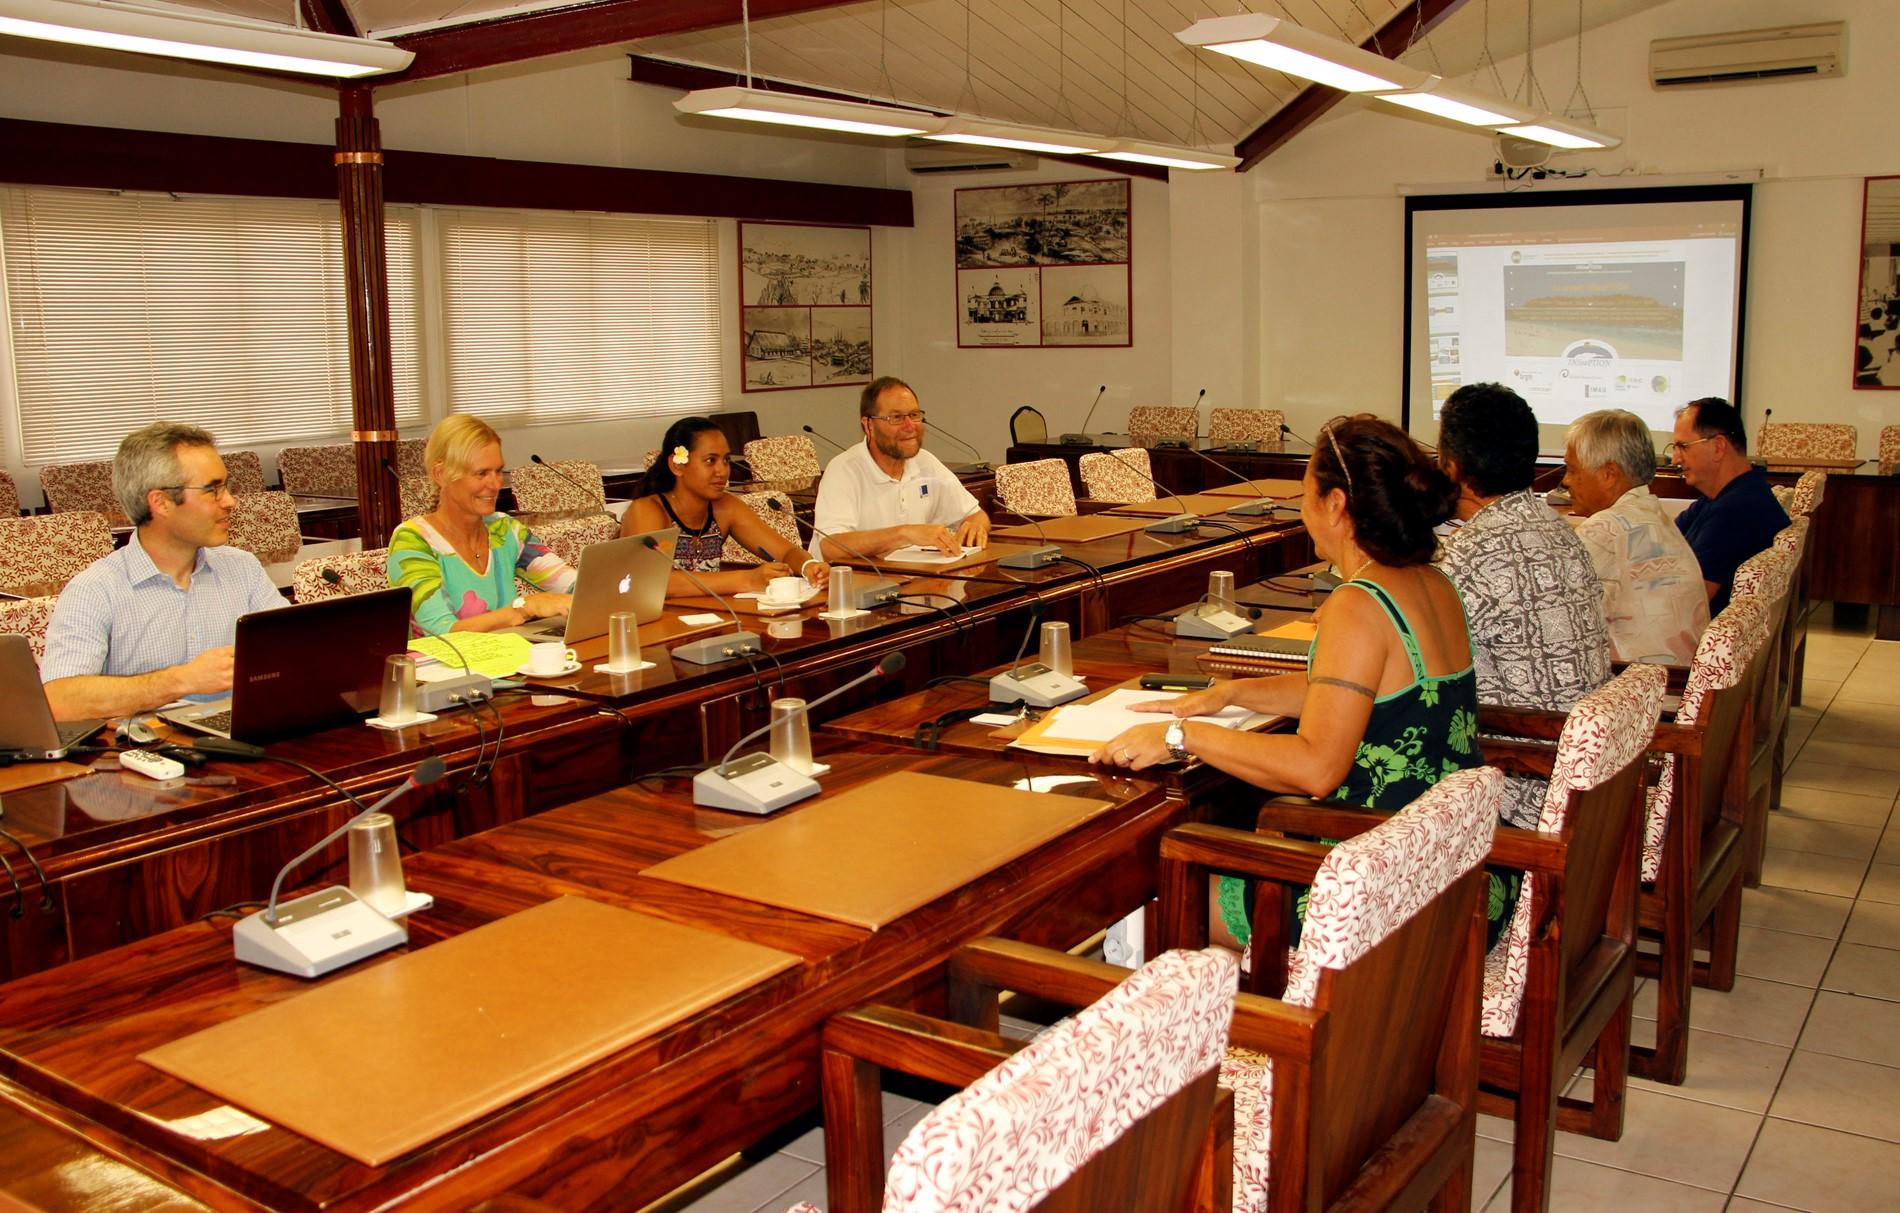 rencontres polynesiennes